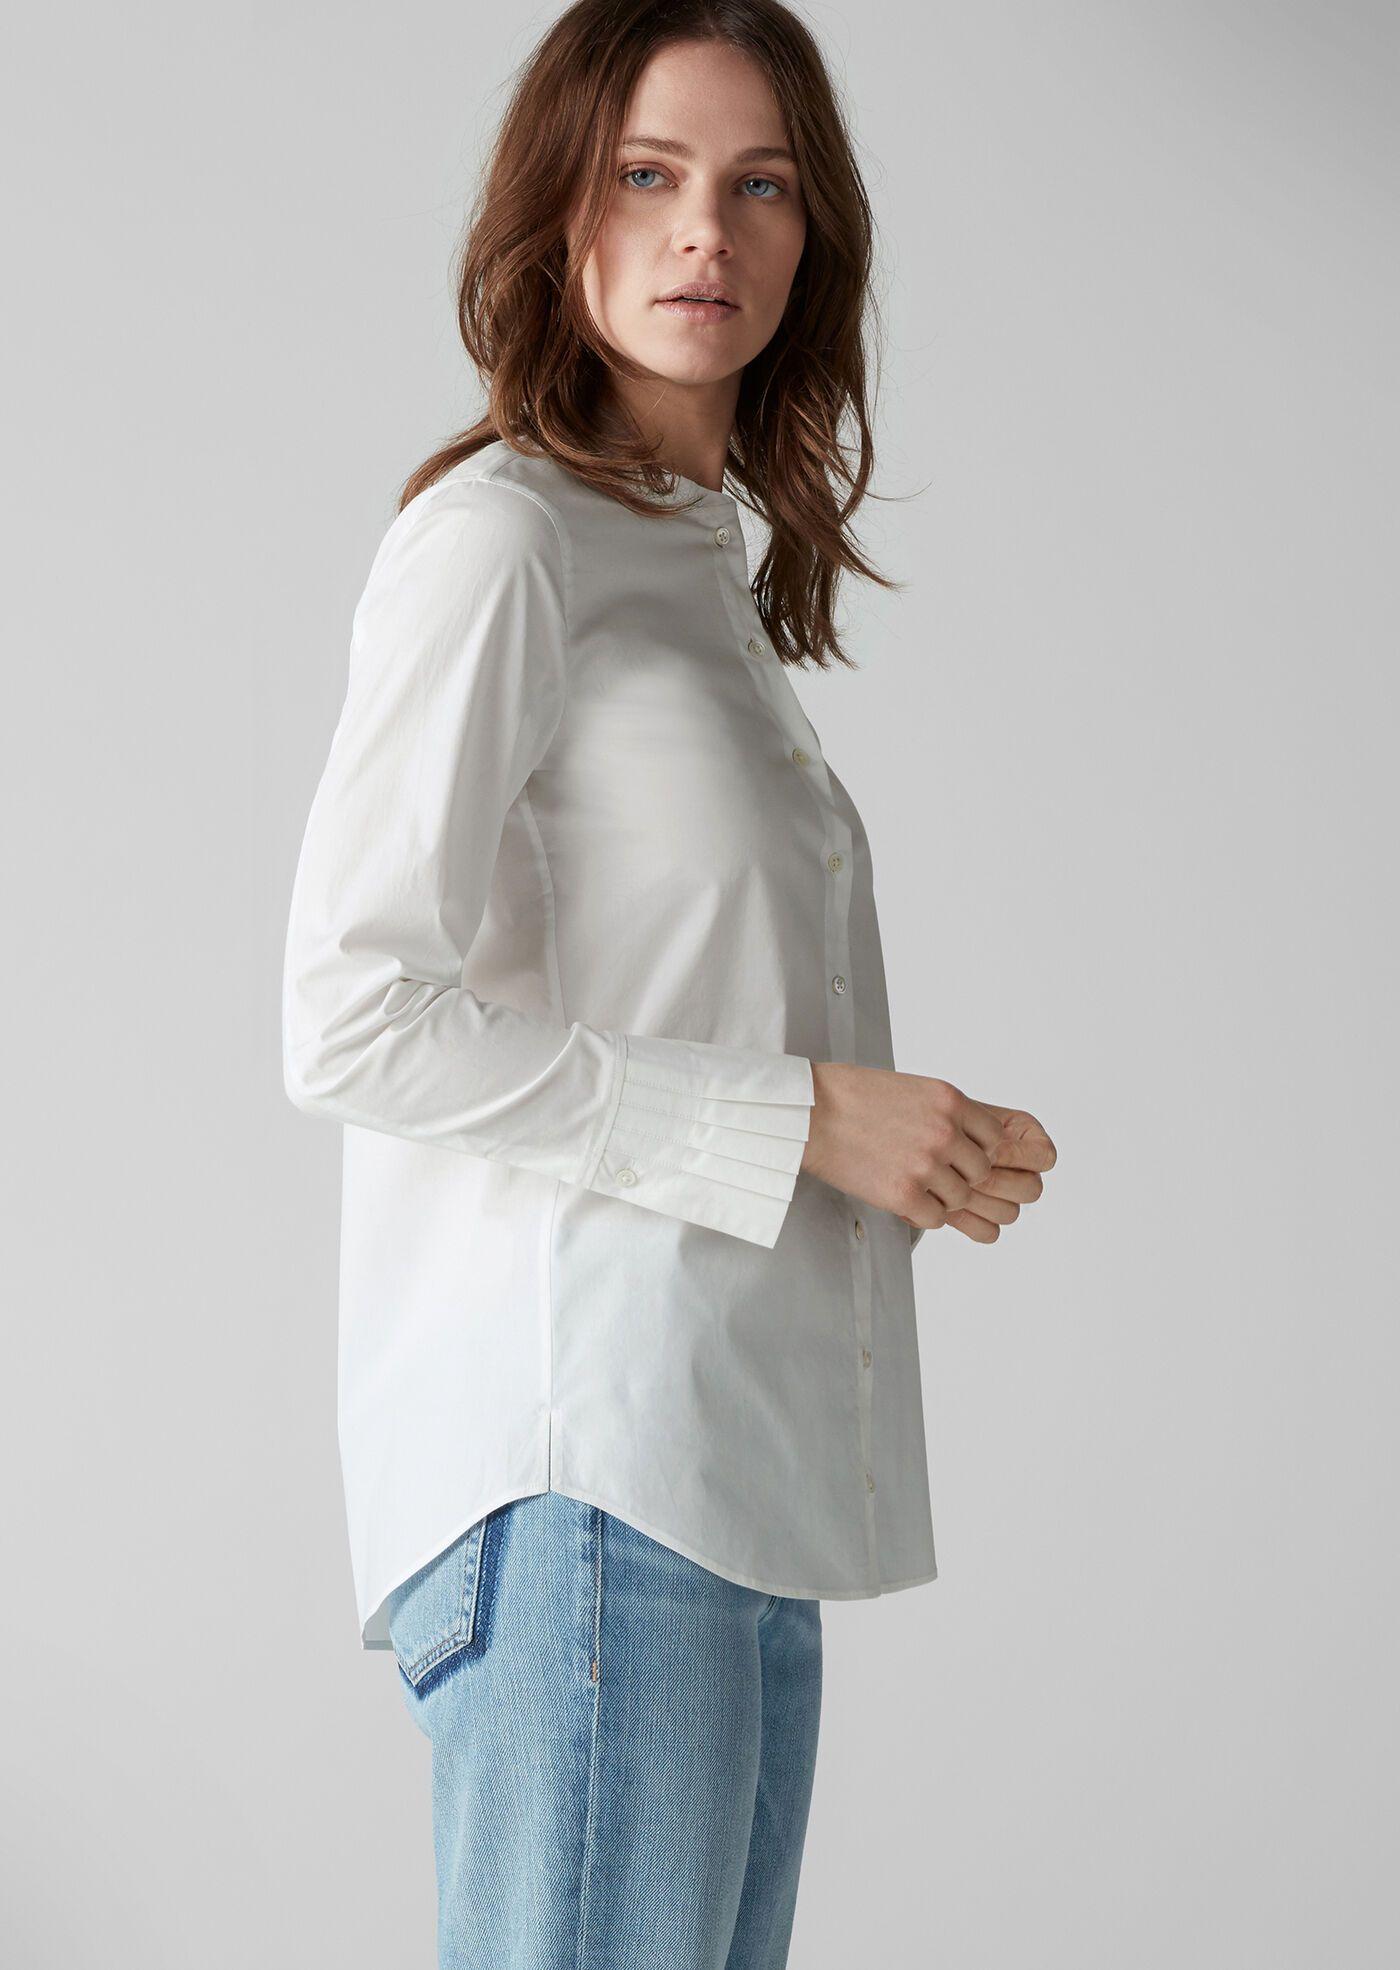 MARC O'POLO Блуза жіночі модель 802145742419-100 , 2017